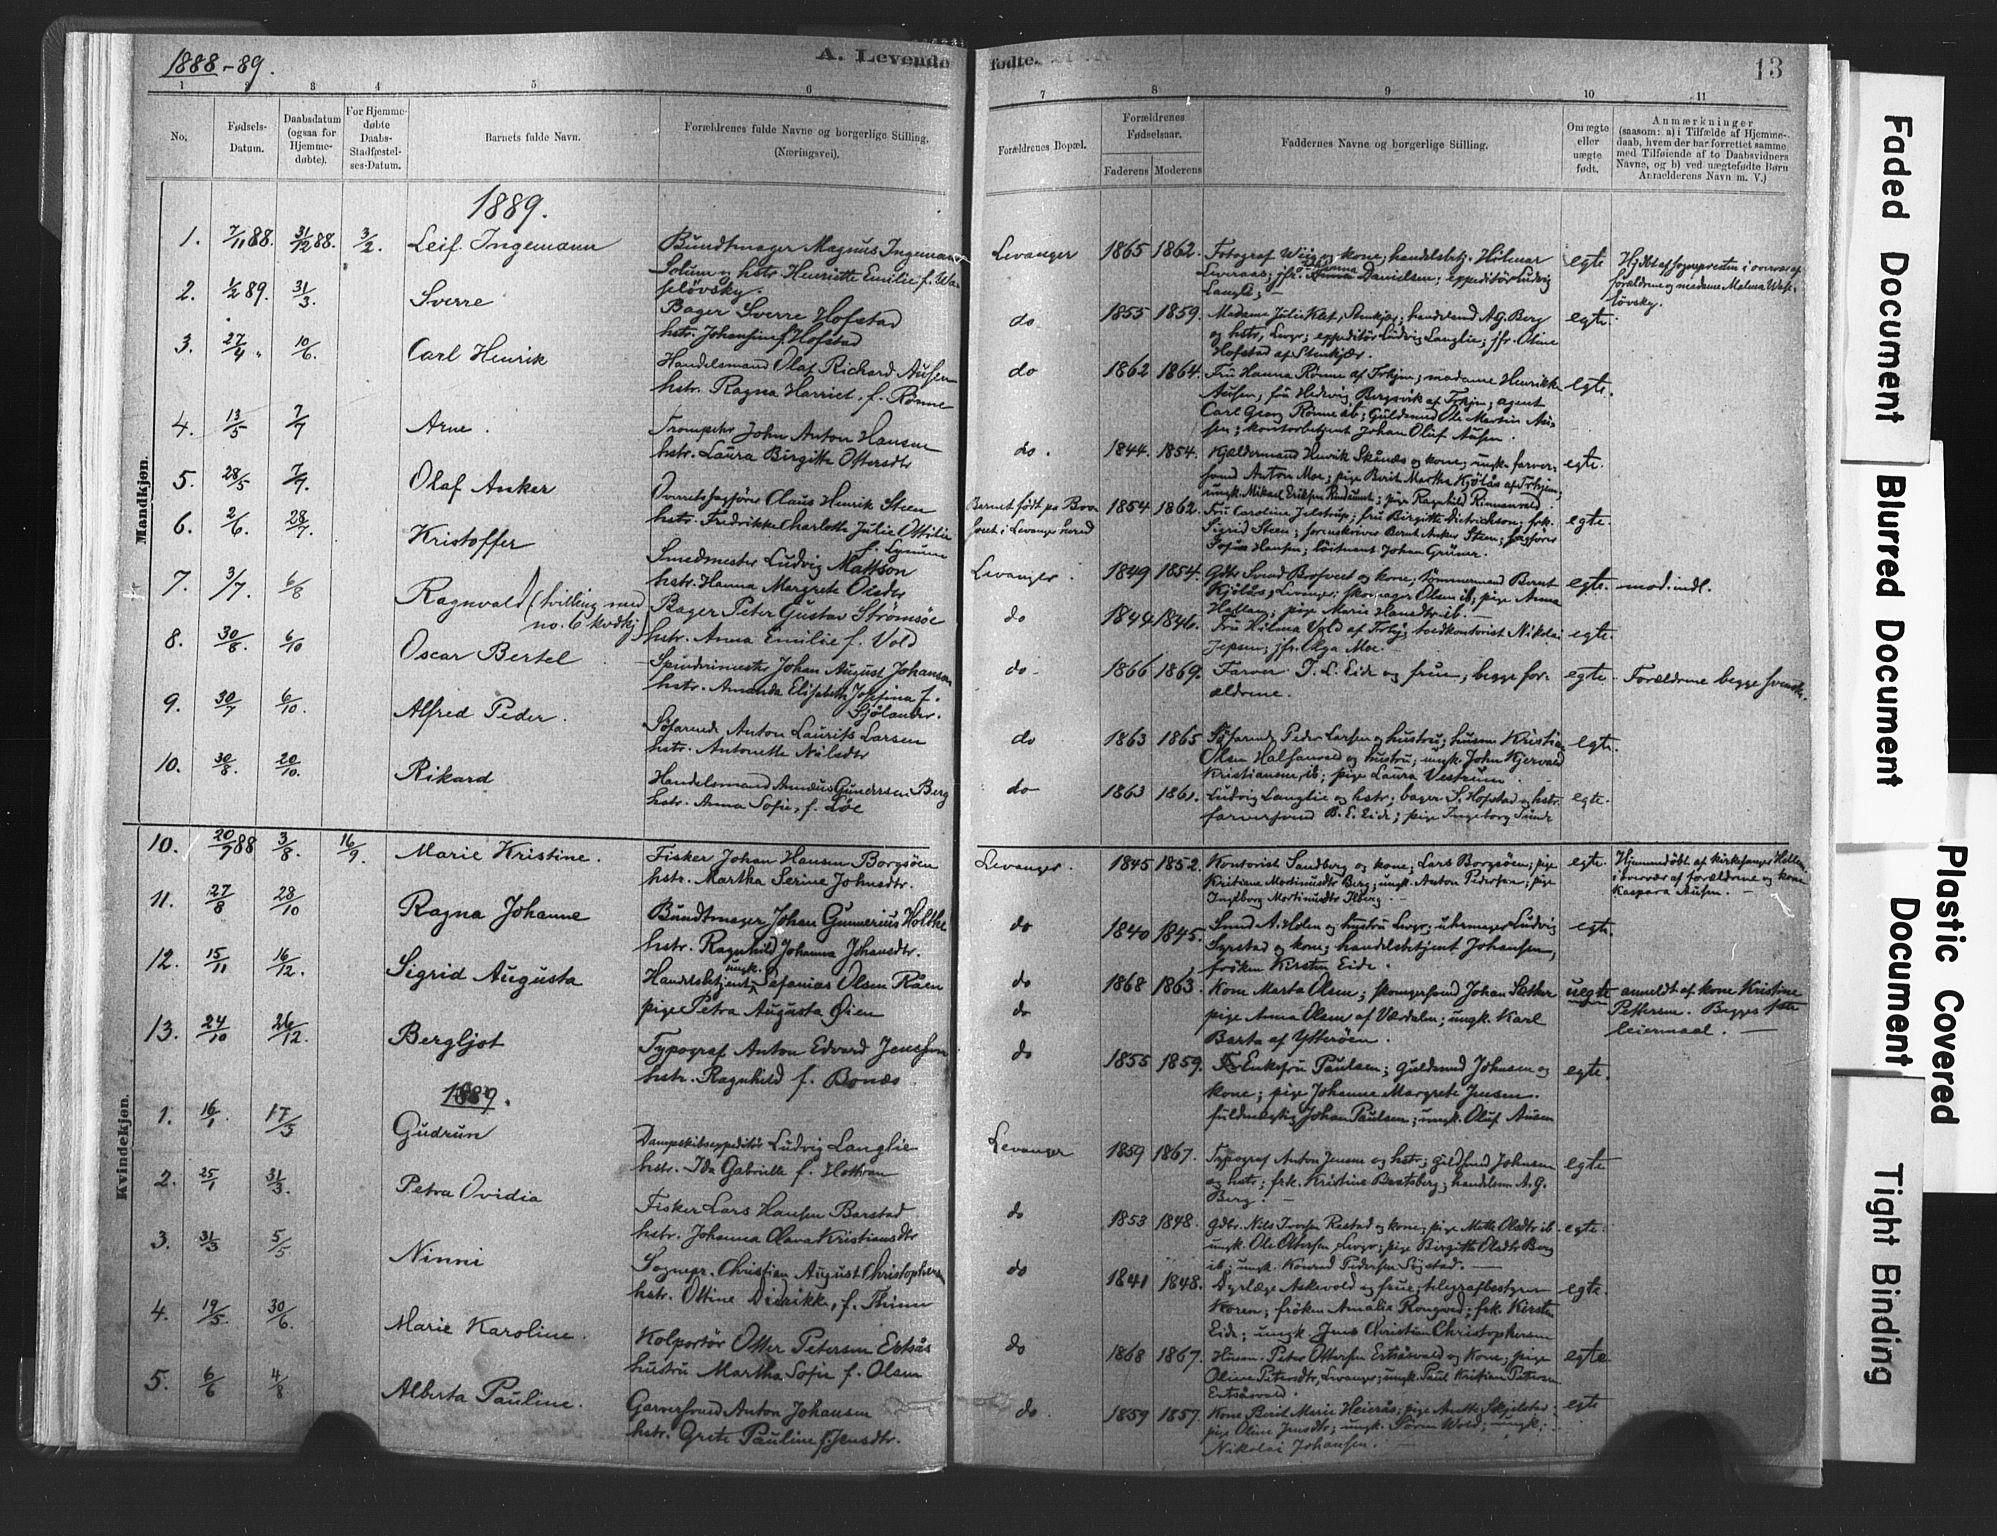 SAT, Ministerialprotokoller, klokkerbøker og fødselsregistre - Nord-Trøndelag, 720/L0189: Ministerialbok nr. 720A05, 1880-1911, s. 13